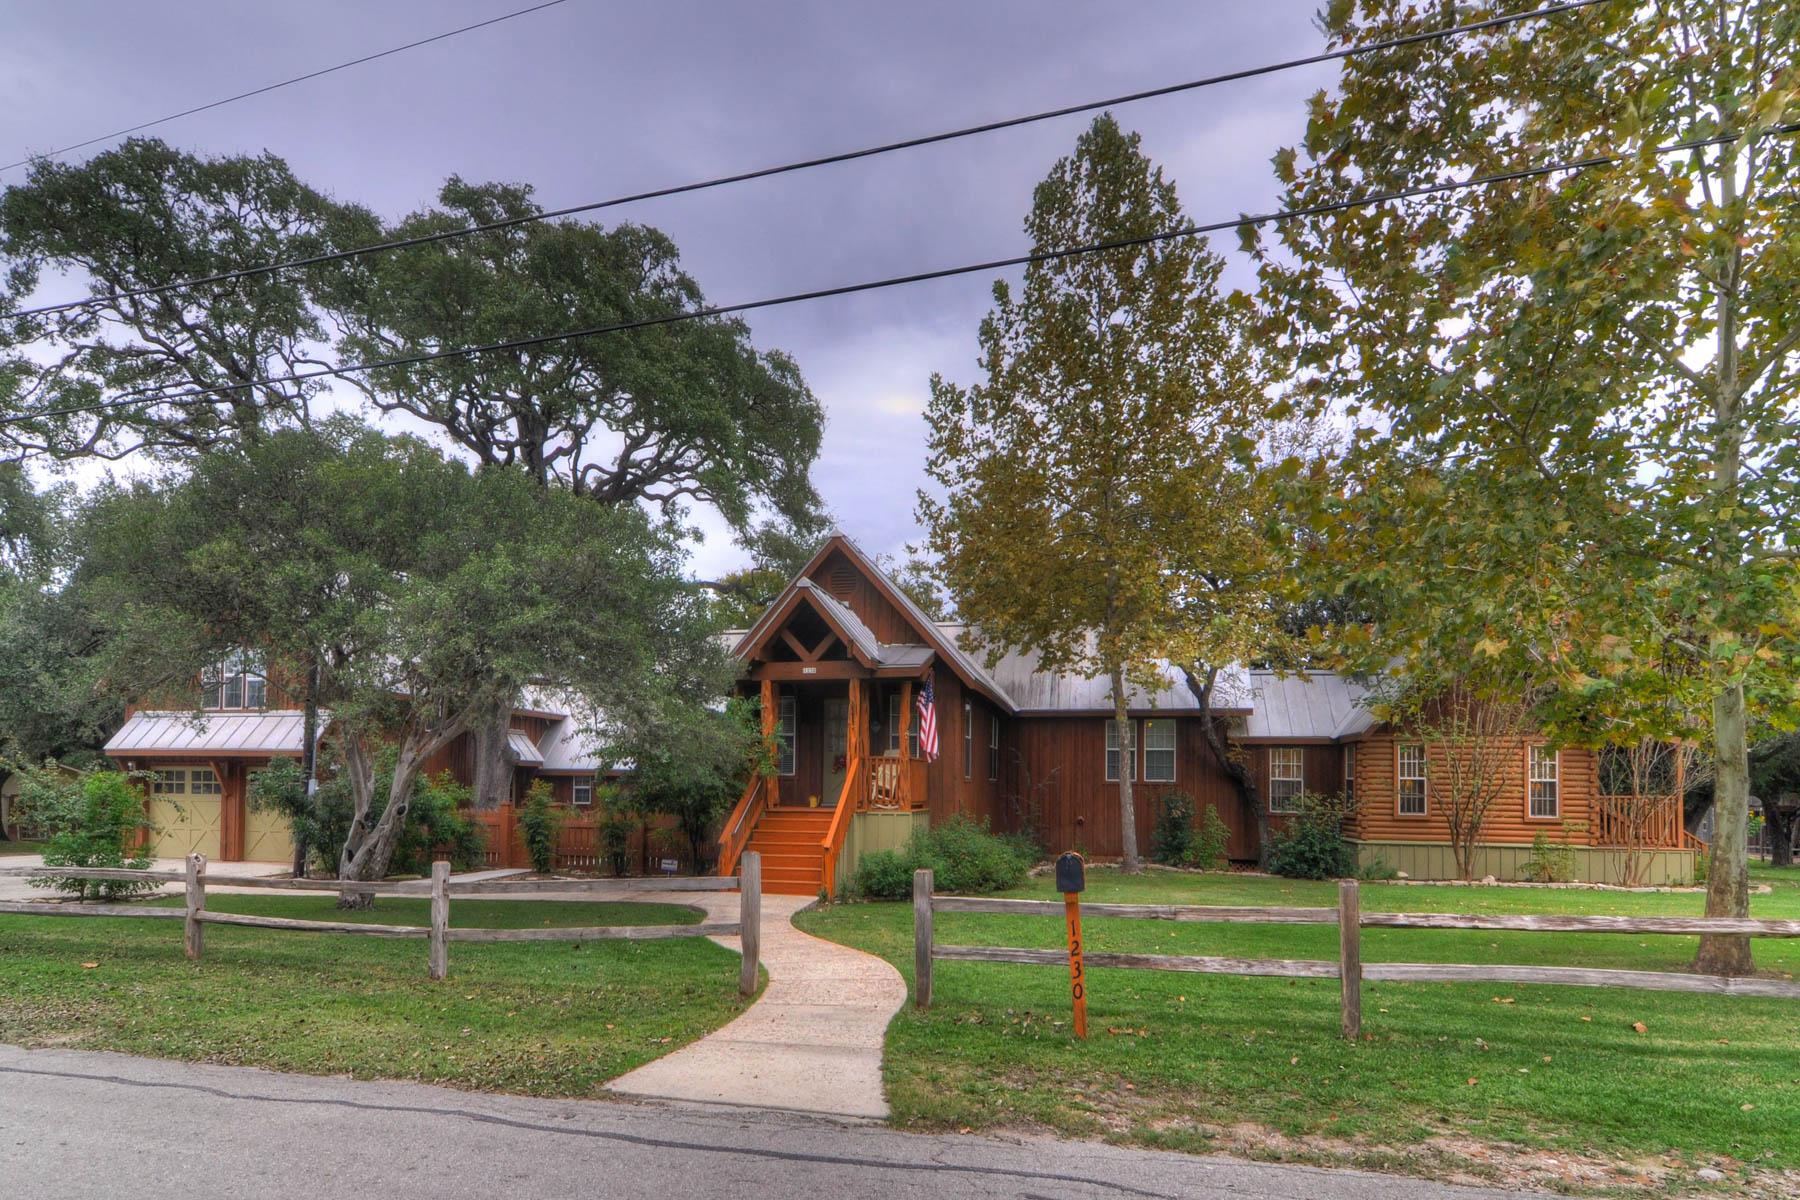 Maison unifamiliale pour l Vente à Gruene River Guest House on the Guadalupe River 1230 Sleepy Hollow New Braunfels, Texas 78130 États-Unis